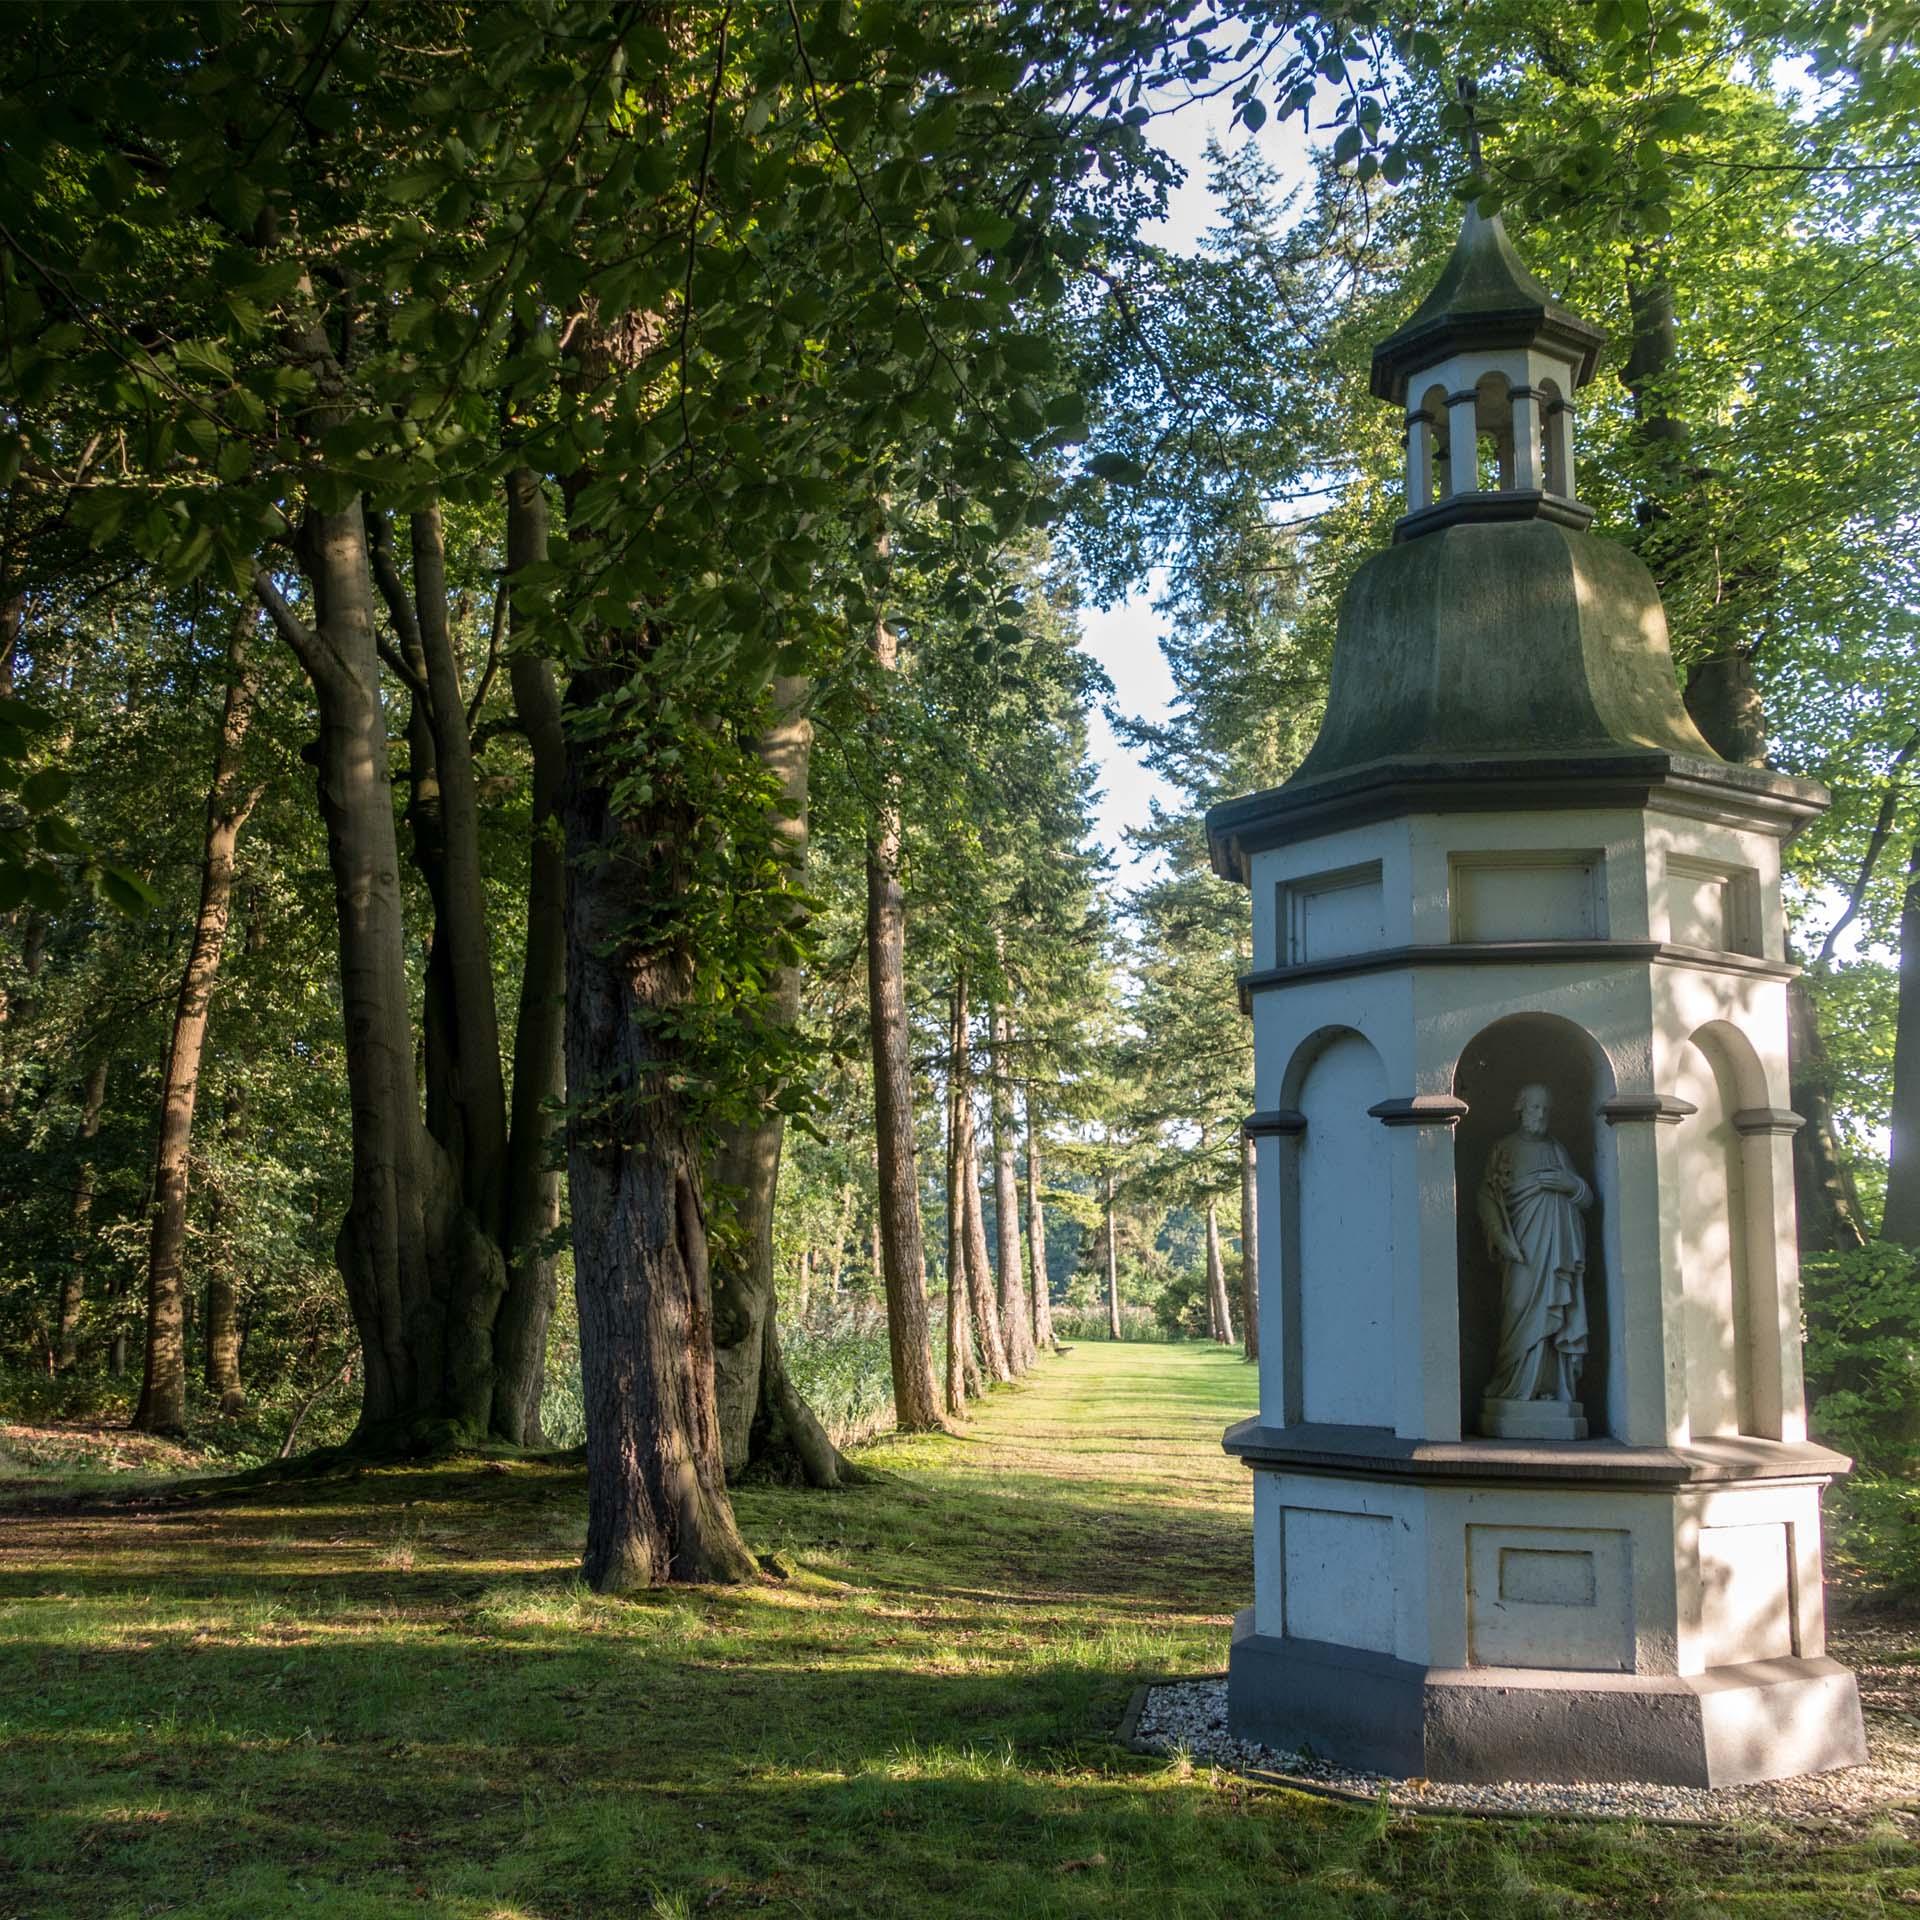 Stilte pad kapel goude viering rustig bos buiten